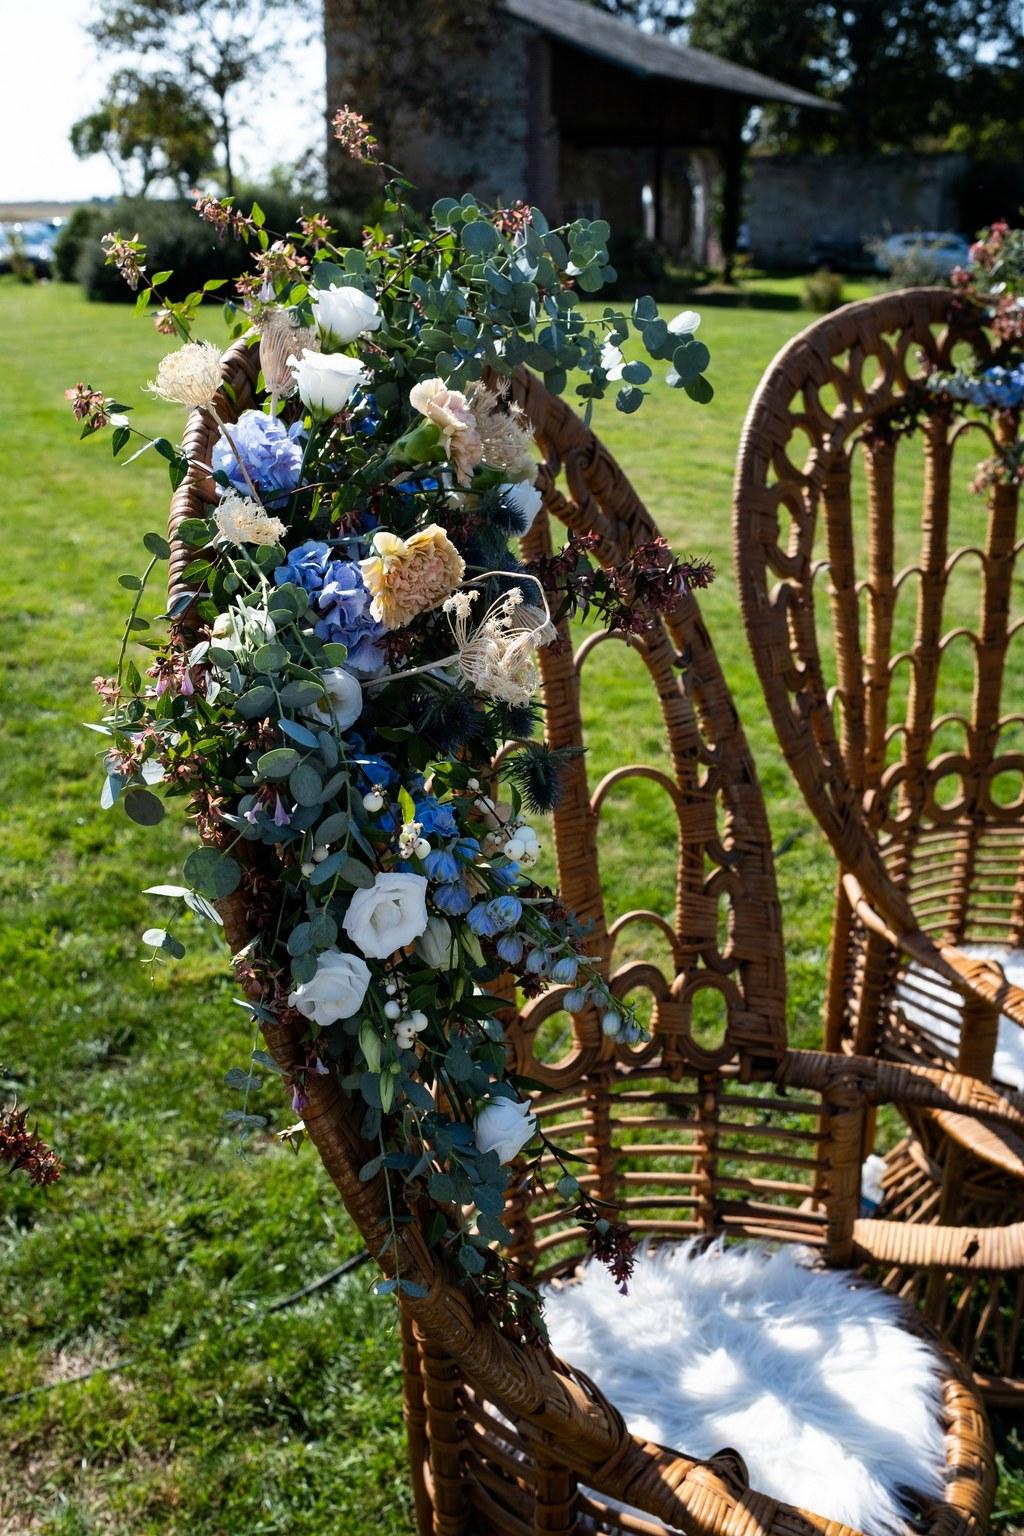 fauteuils emmanuelle fleuris pour les assises des mariées mariage bohème - CREDIT PHOTO : Audrey Guyon